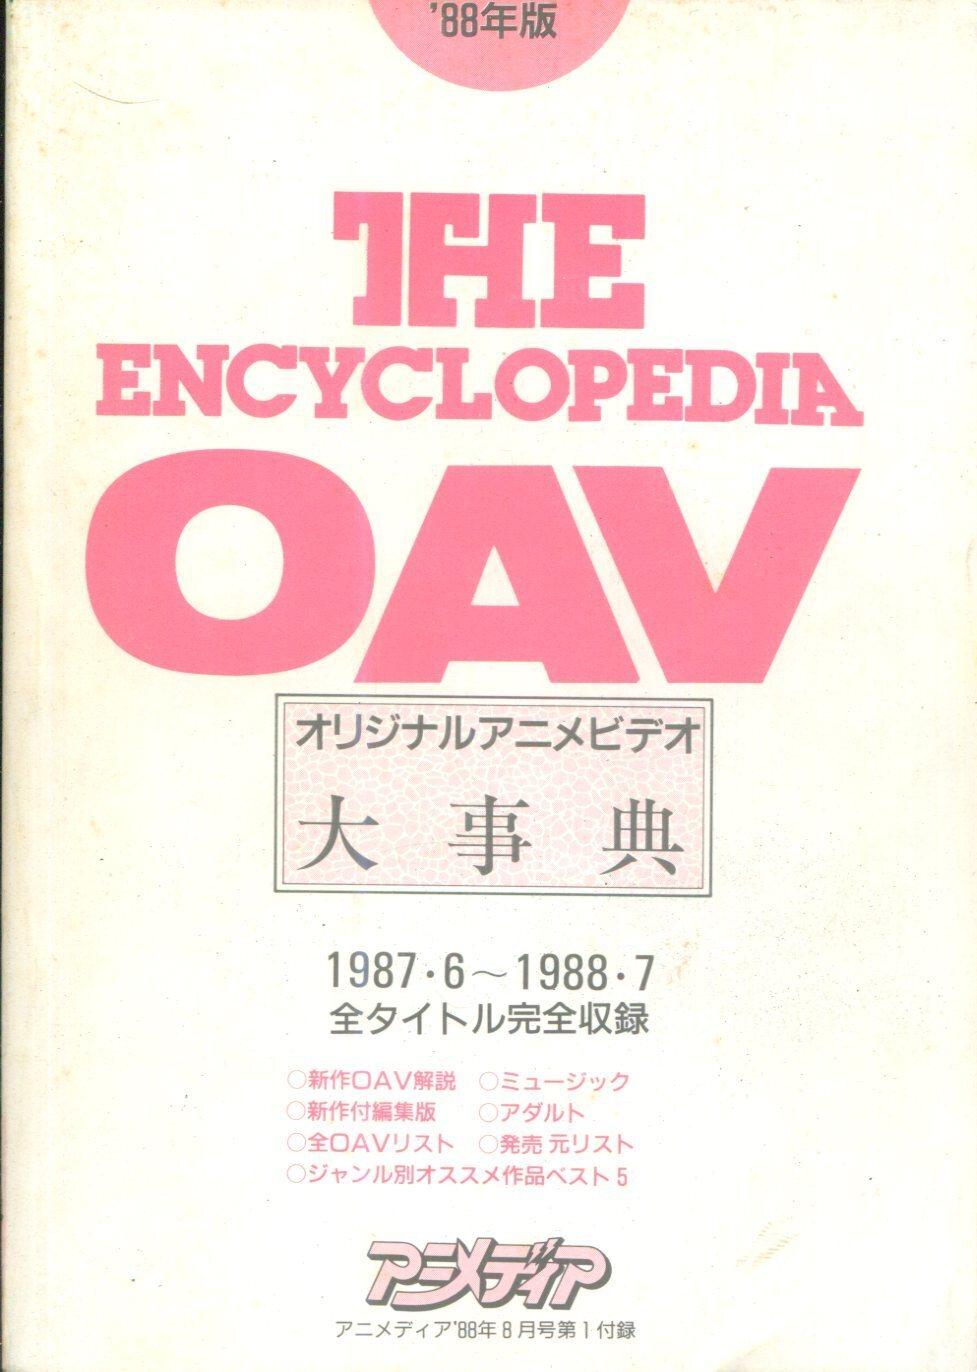 画像1: THE ENCYCLOPEDIA OVA オリジナルアニメビデオ大事典 1988年版 1987.6〜1988.7全タイトル完全収録